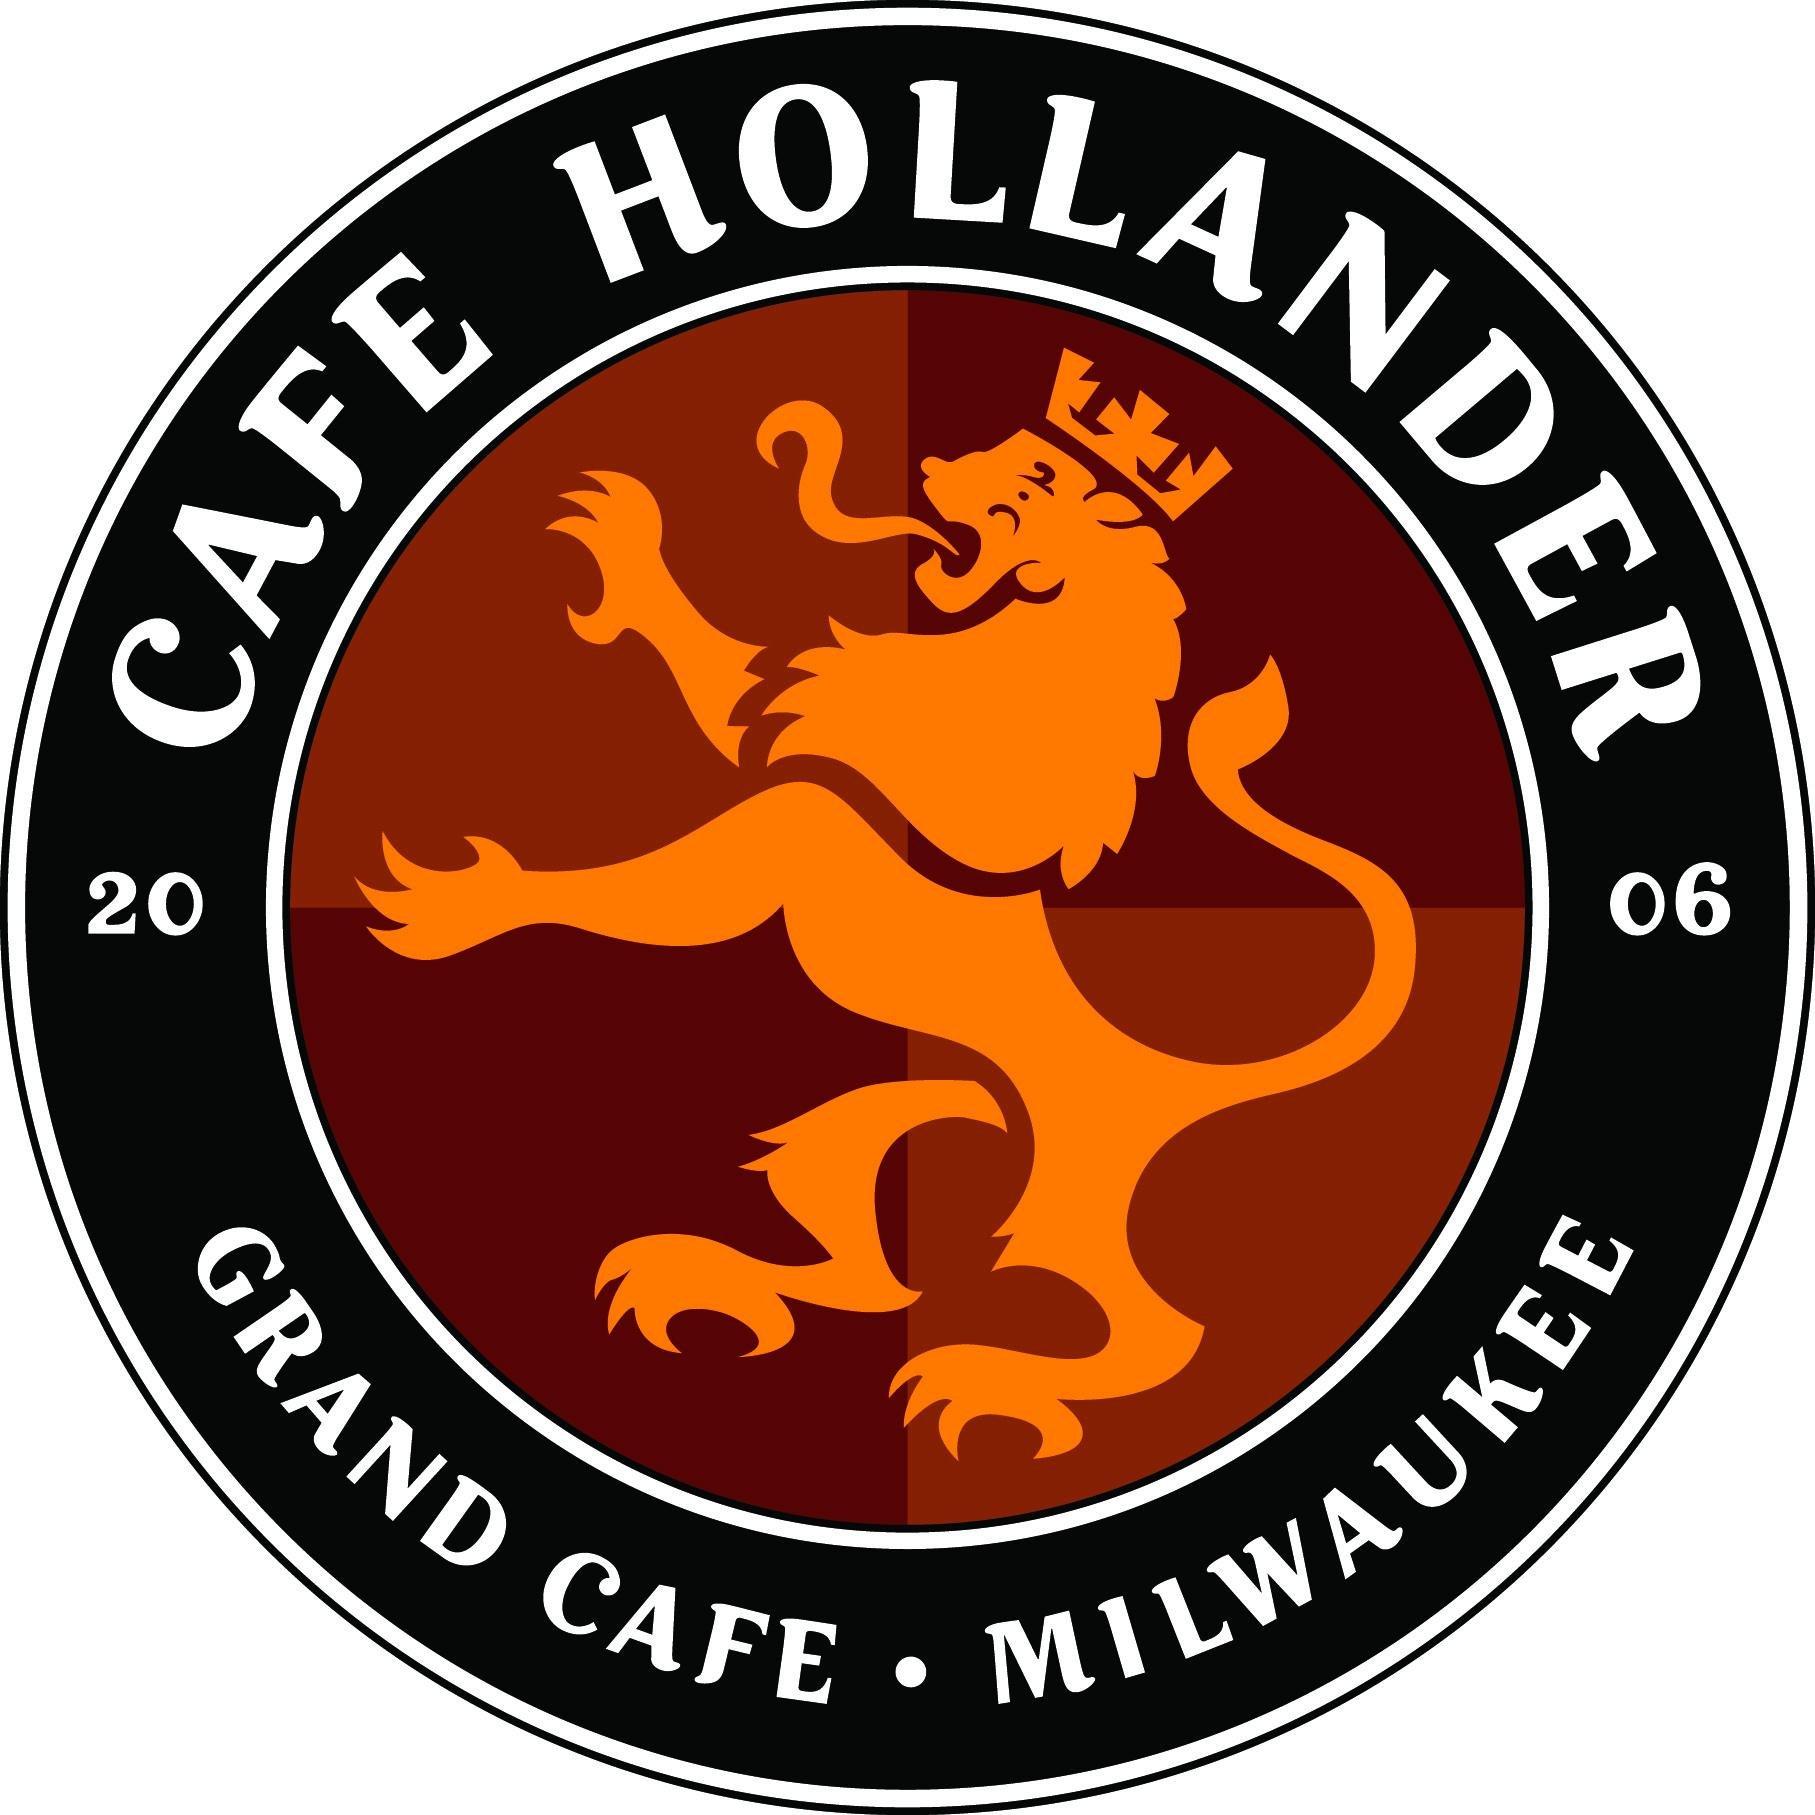 cafe-hollander-logo.jpg